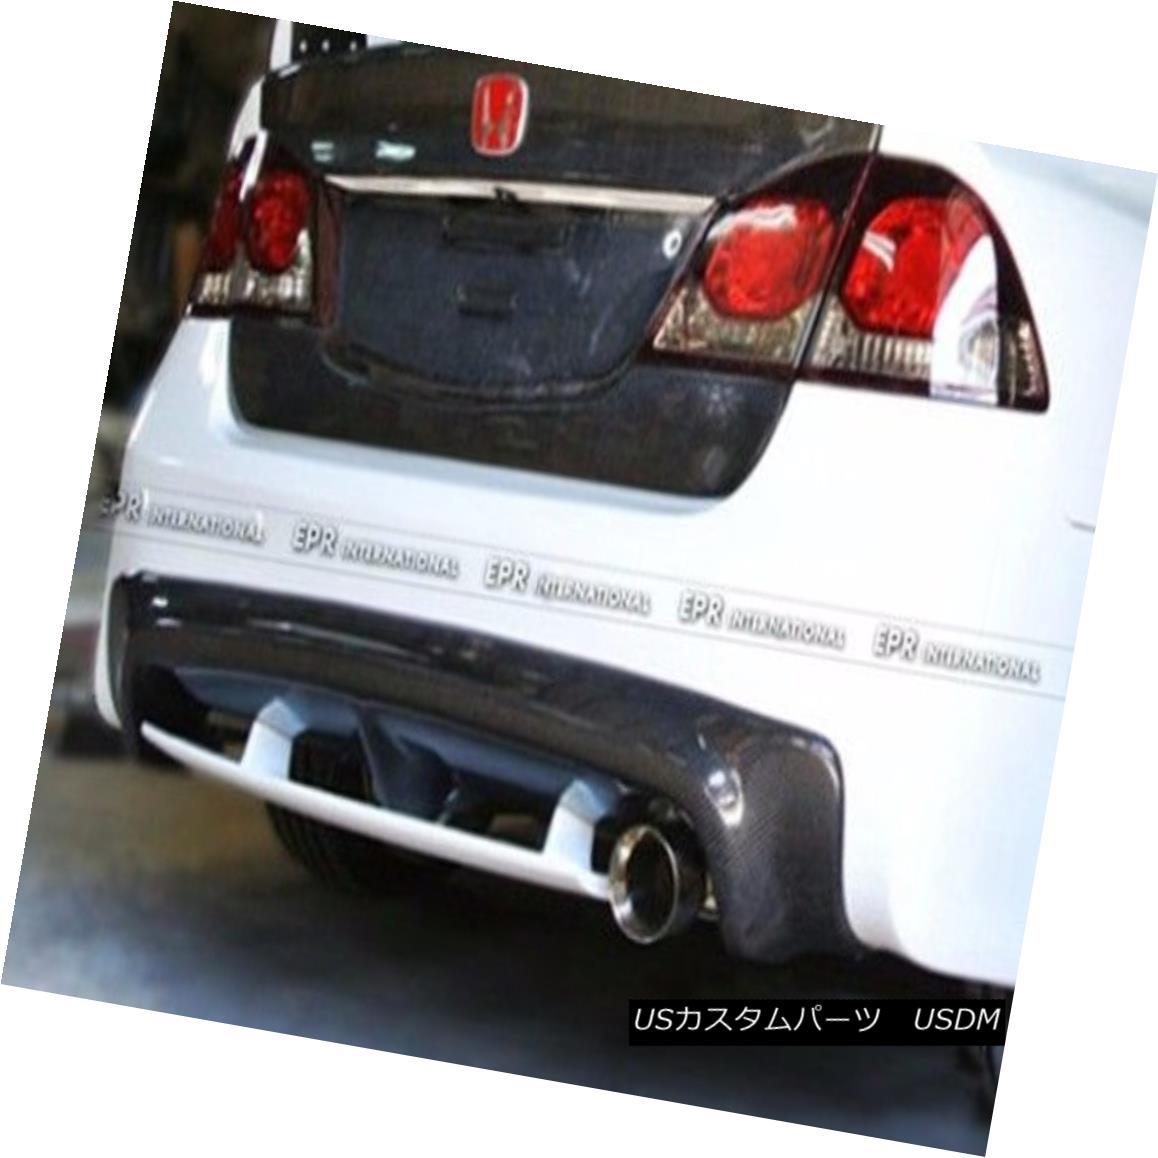 エアロパーツ Mug Rear Bumper For Exhaust Diffuser Splitter For Honda Splitter Civic FD2 Mug Style Carbon Fiber ホンダシビックFD2マグスタイルカーボンファイバー用リアバンパー排気ディフューザースプリッター, UATshopping:6f85a39a --- officewill.xsrv.jp